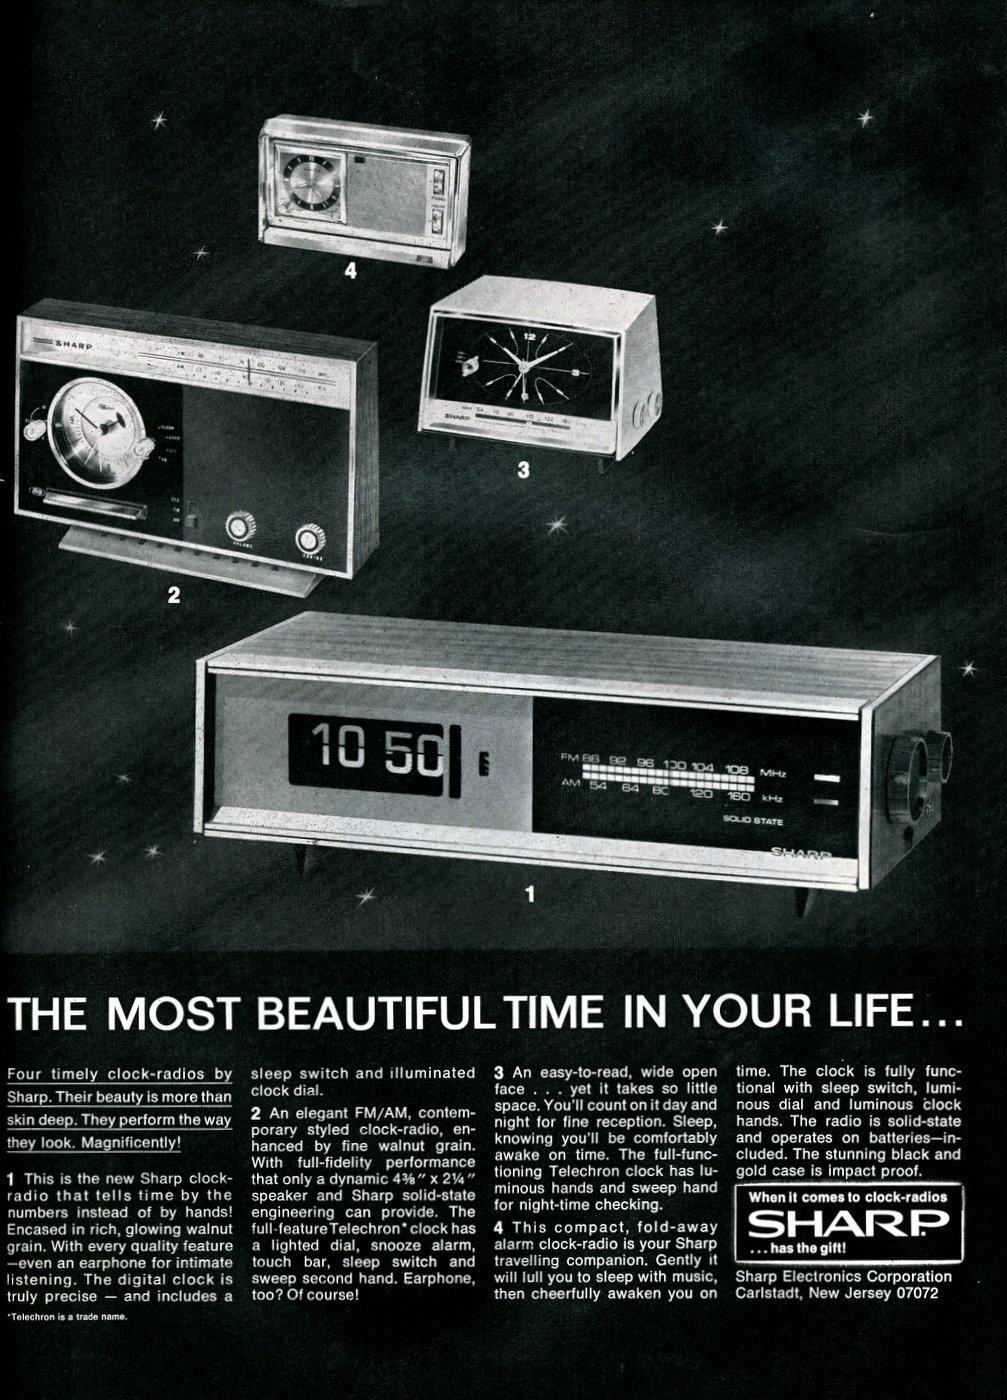 Vintage Sharp clock radios from 1969